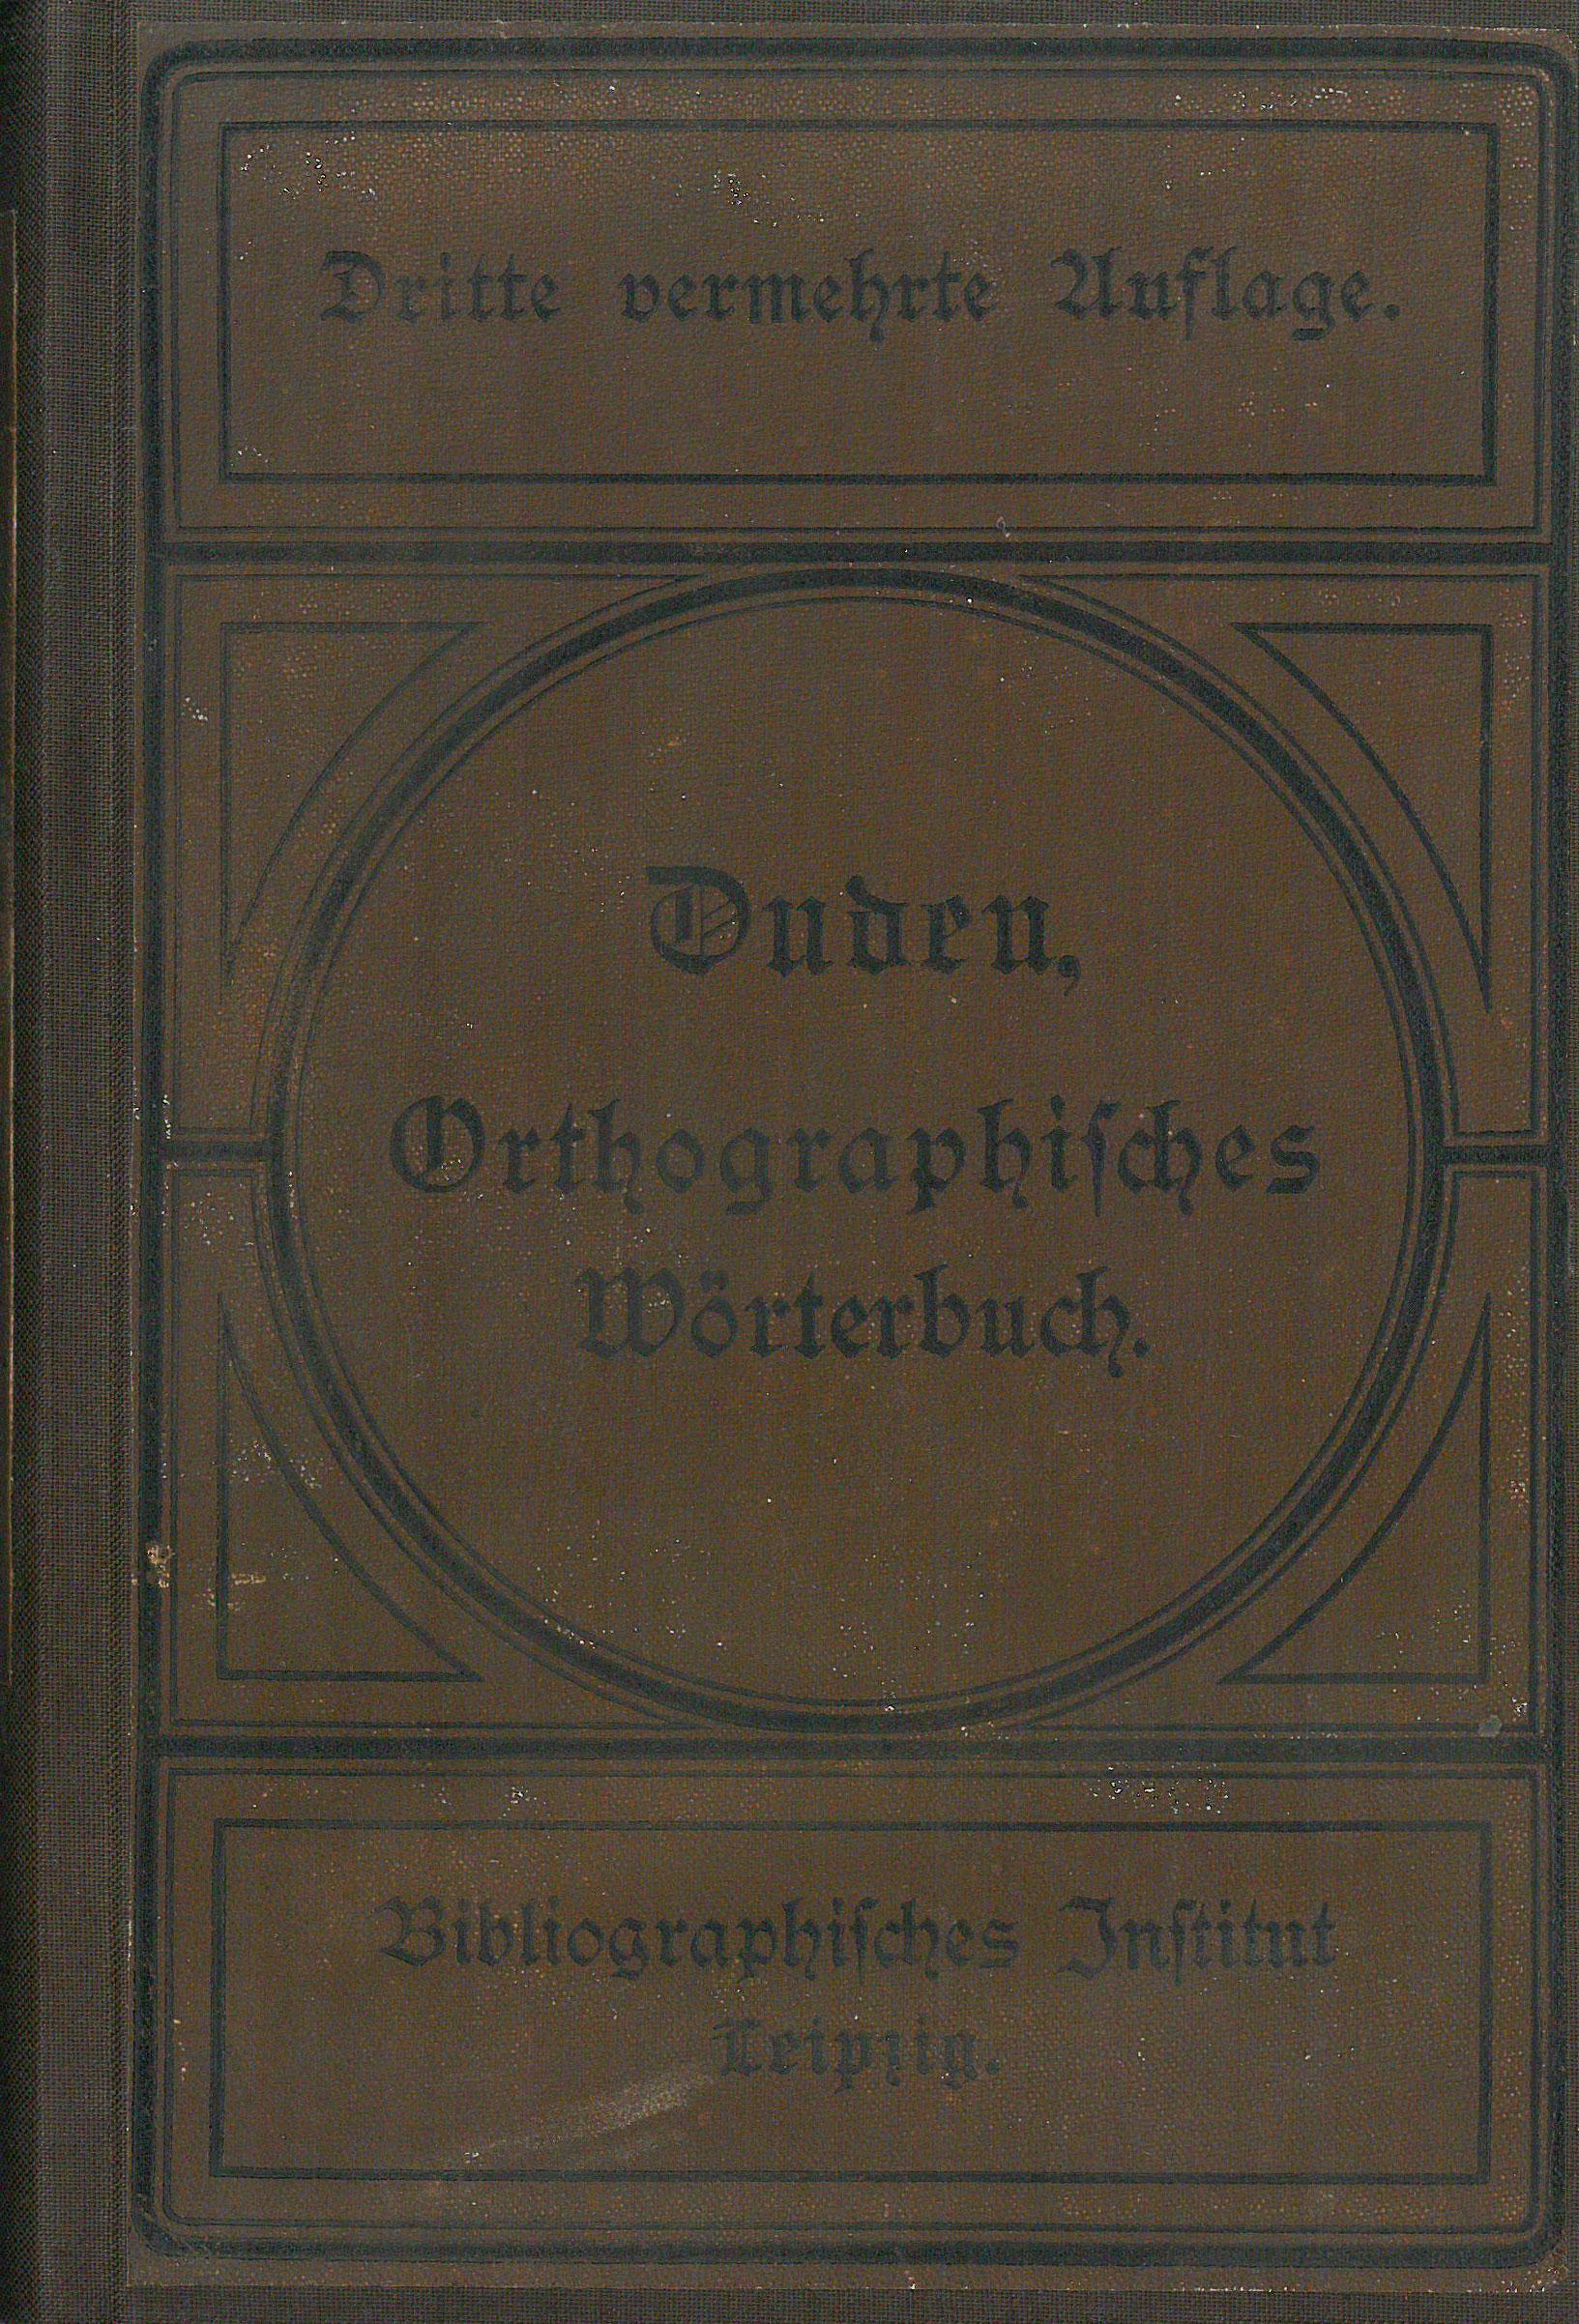 Buchcover Duden von 1887